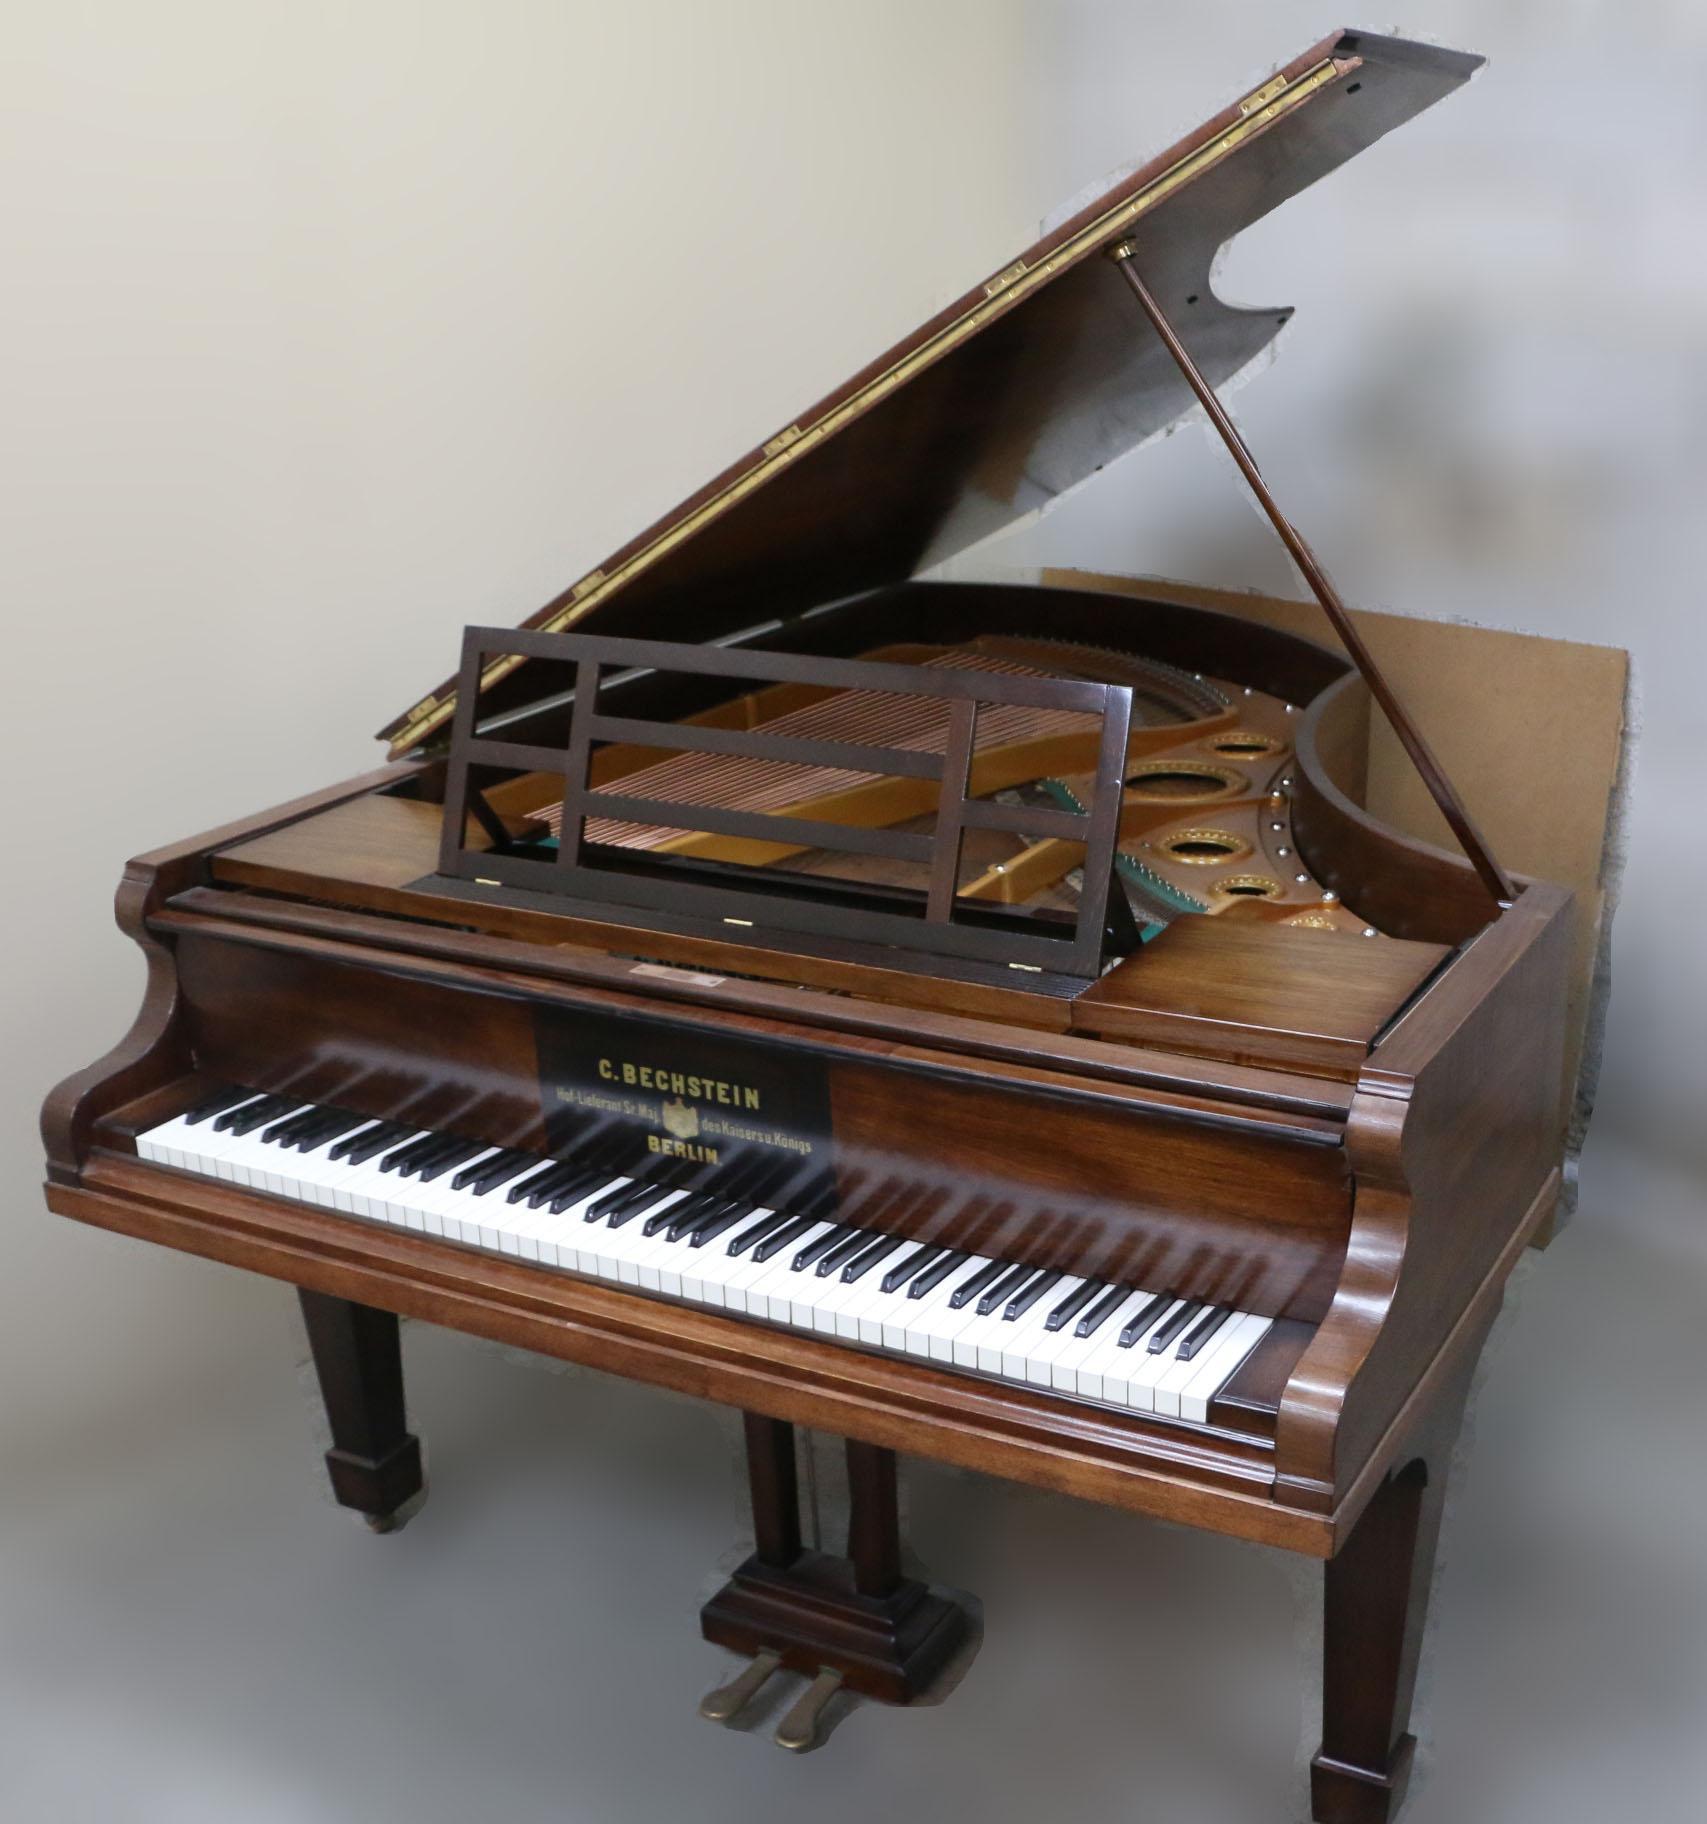 מודרניסטית פסנתר כנף יד 2 למכירה במצב מעולה של חברת בכשטיין   בני מילר ZE-29